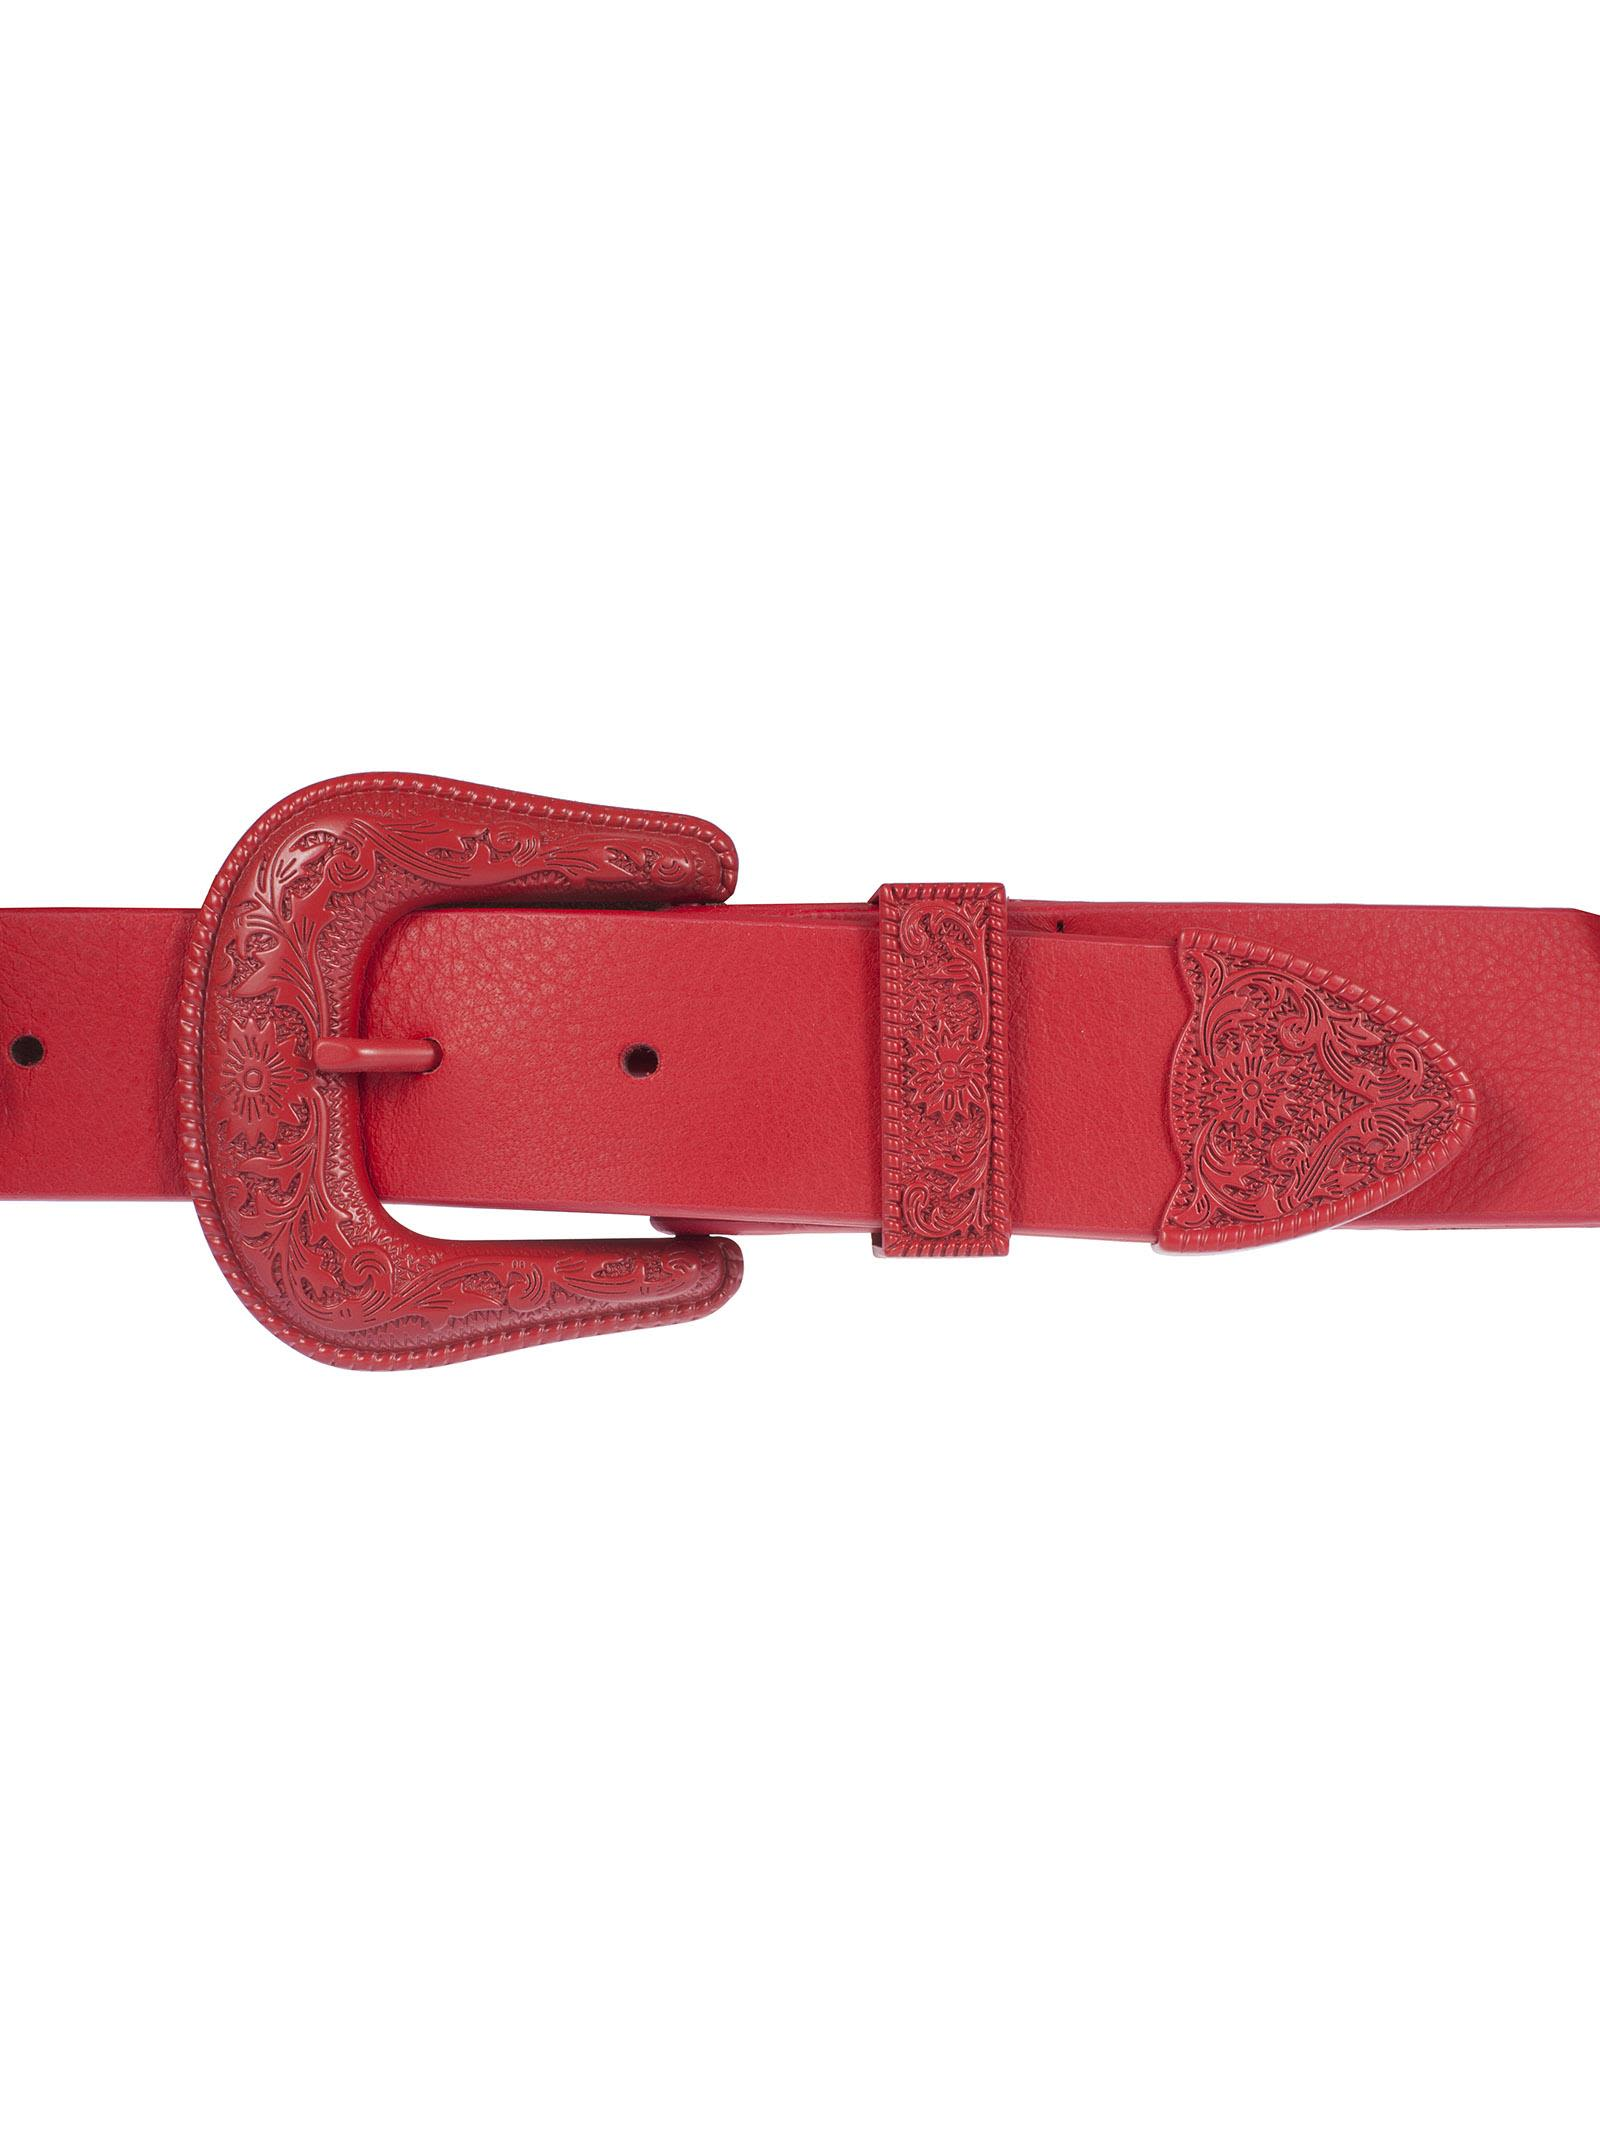 western double buckle belt - Red B-Low The Belt VUoe7